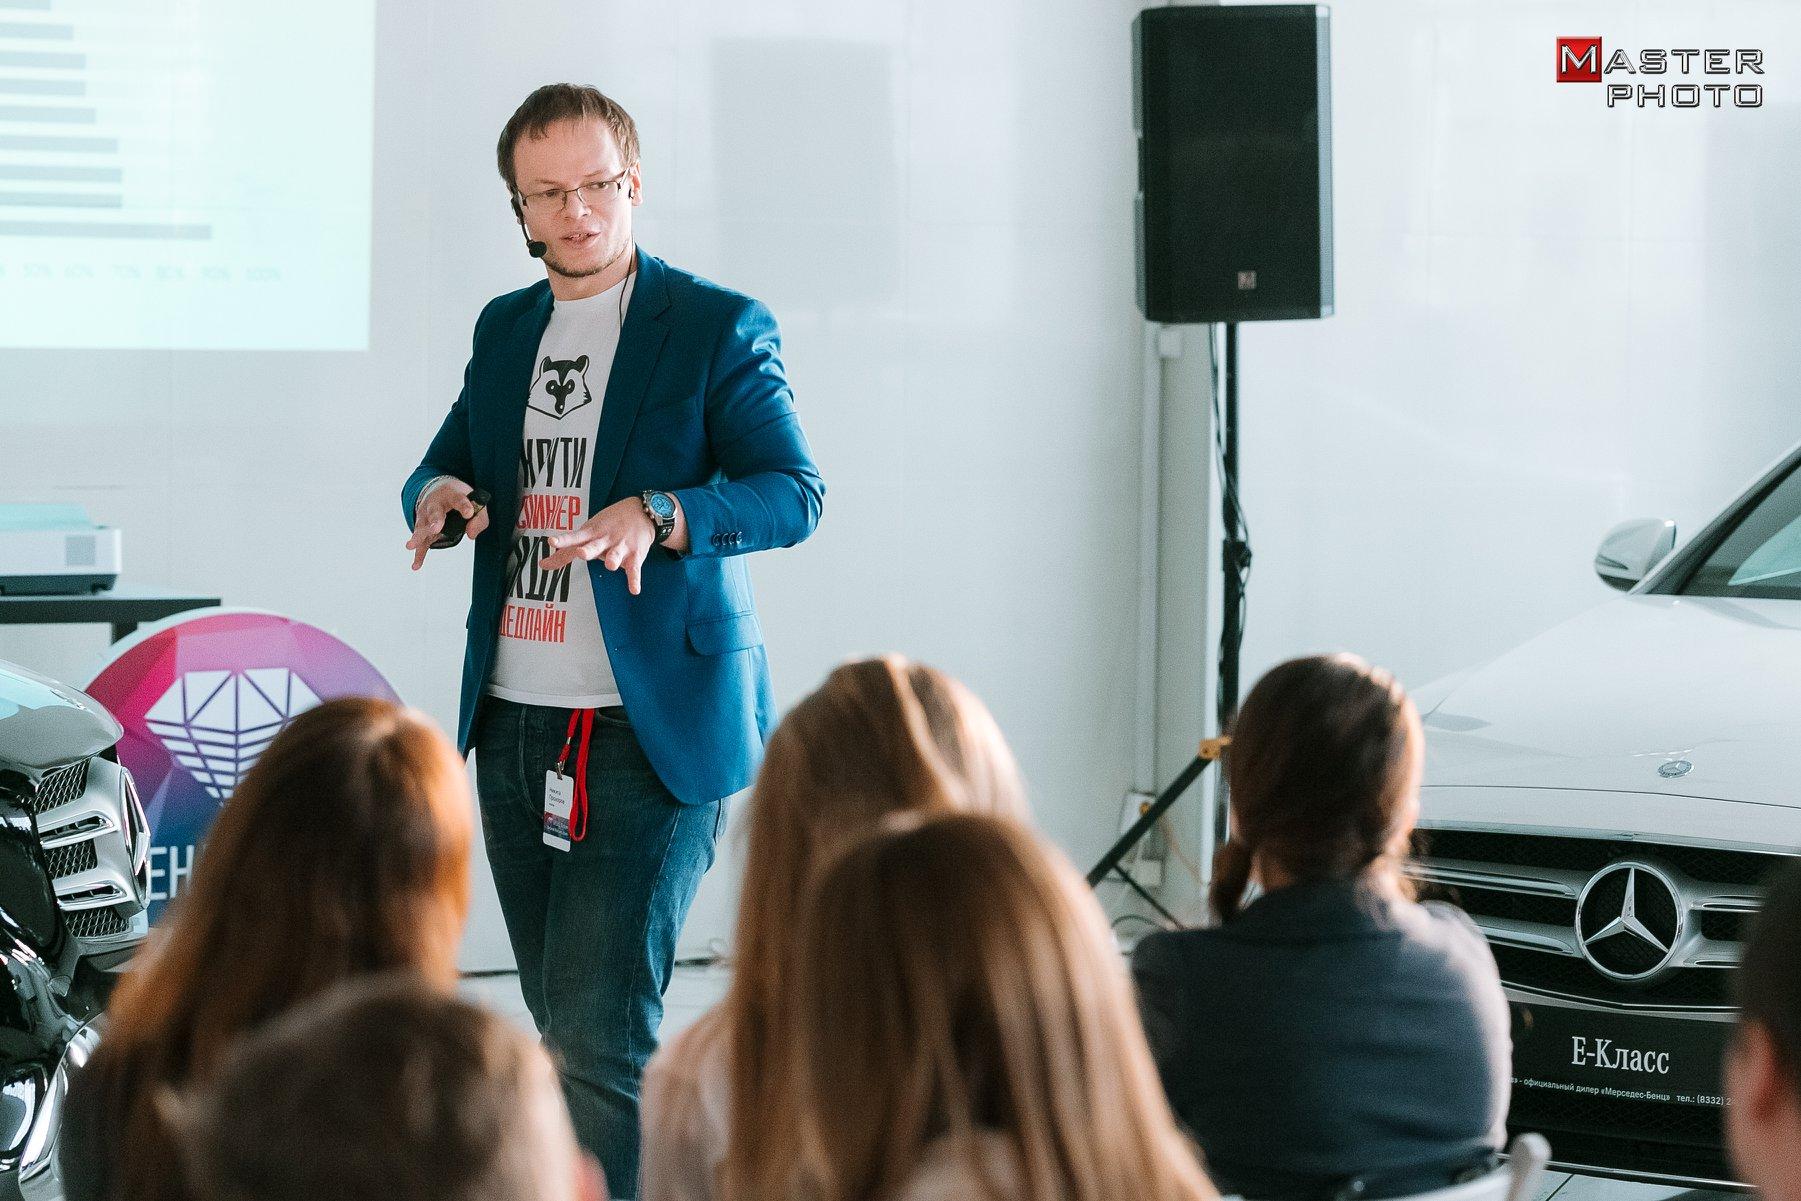 Как управлять репутацией мероприятия и его организаторов в интернете: на примере выступления Тони Роббинса